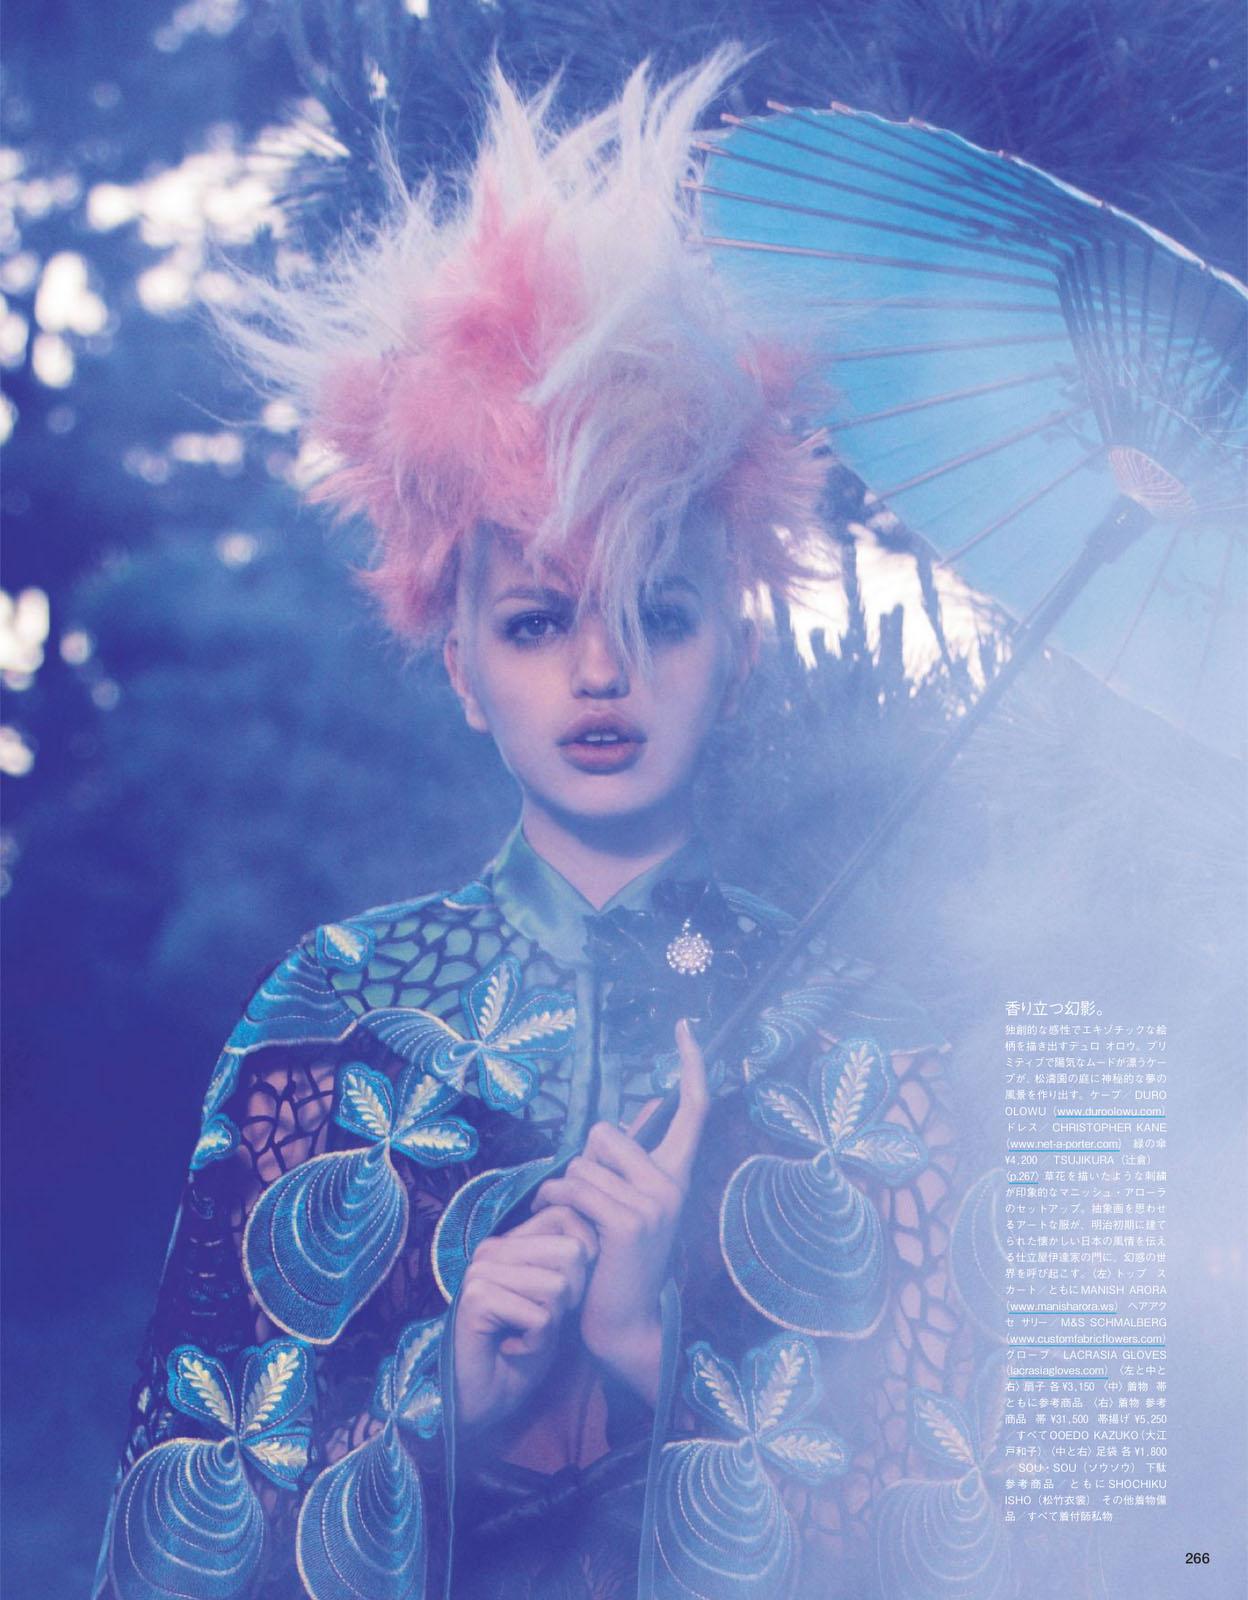 Giovanna-Battaglia-10-The-Secret-Chatter-of-Golden-Monkeys-Vogue-Japan-Mark-Segal.jpg